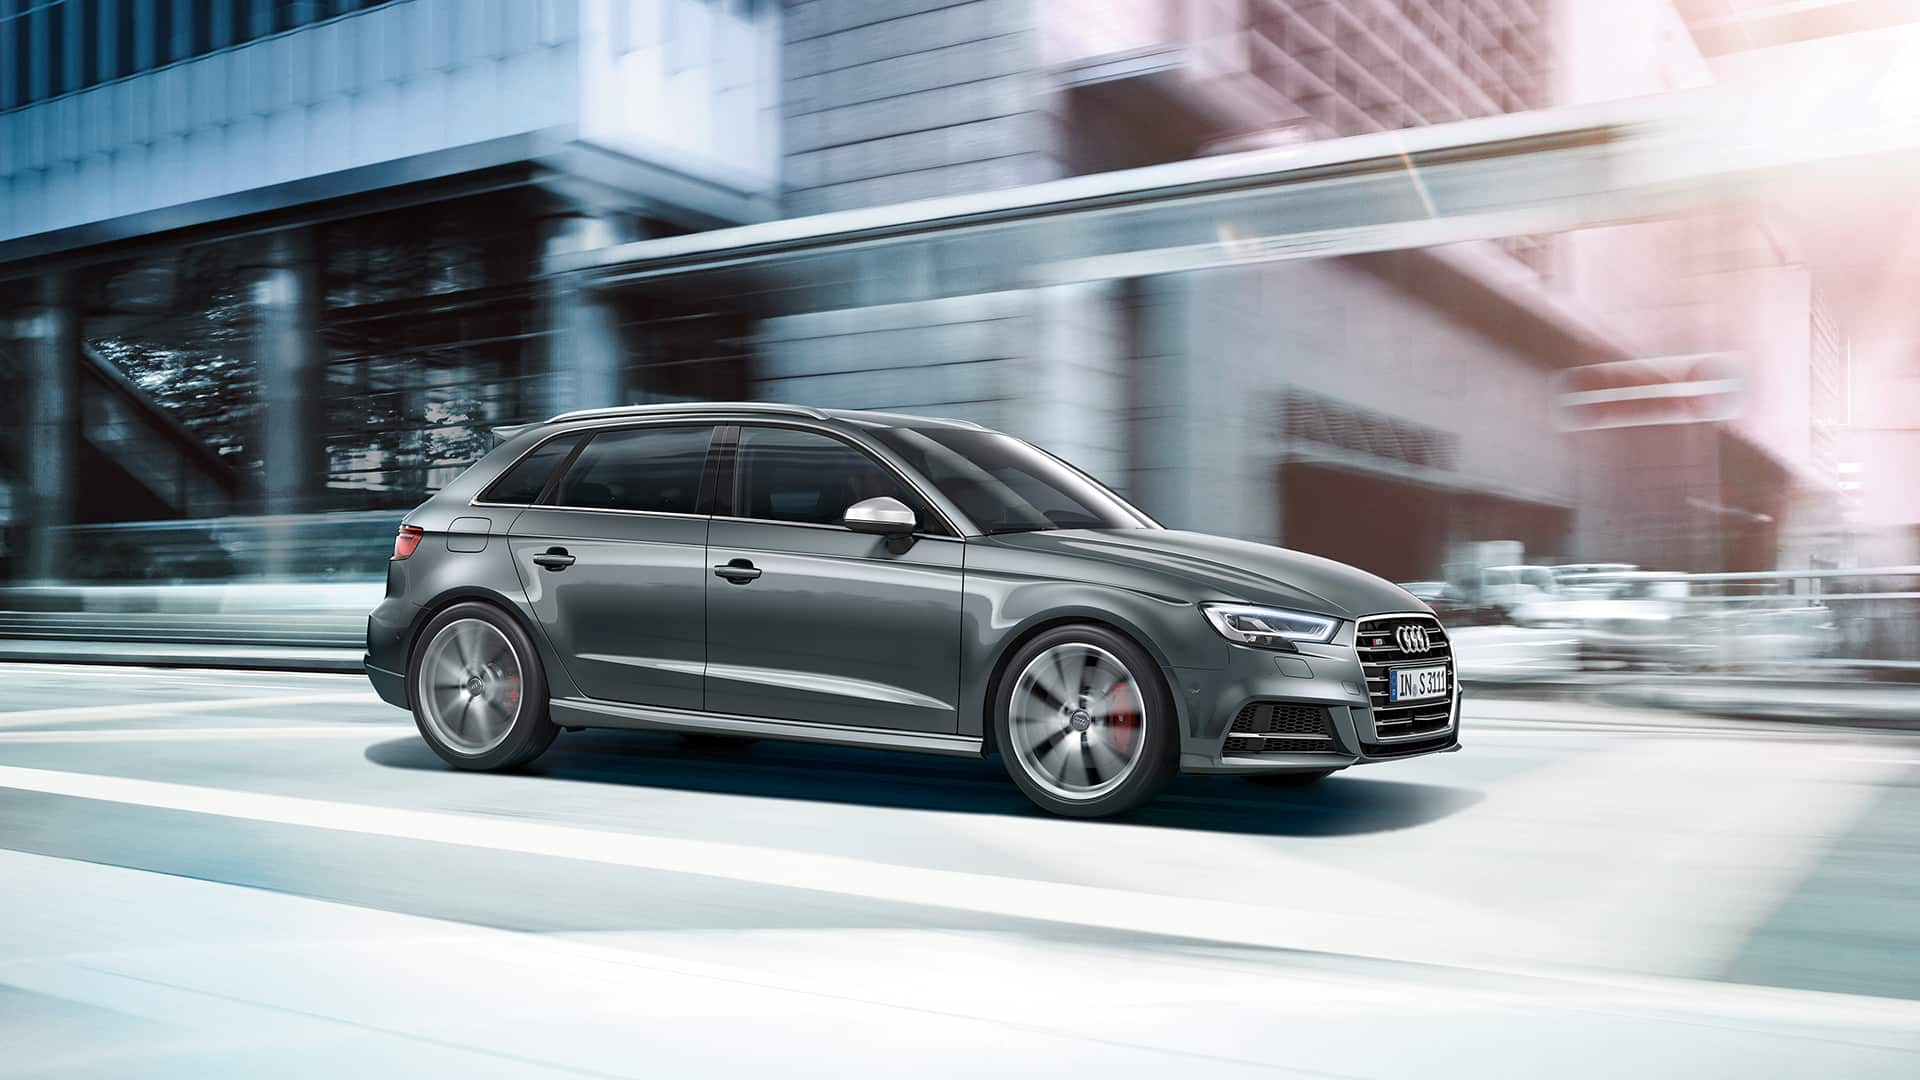 Audi S Sportback Sporty Door Audi Australia A Audi - S3 audi